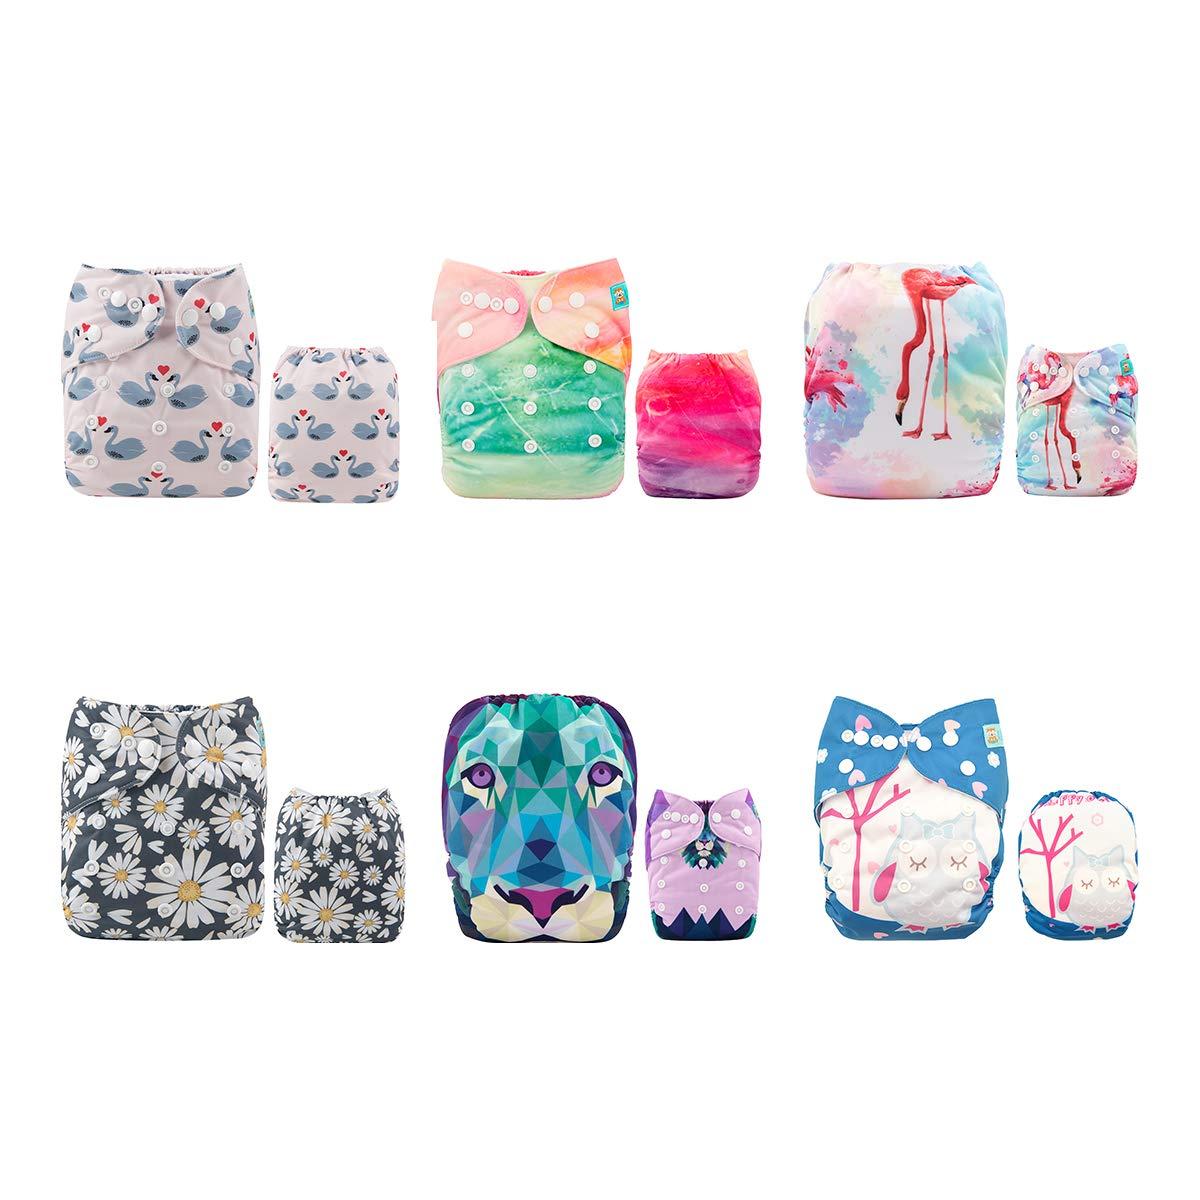 Alva baby cada paquete tiene 6pcs pañal y 2 inserciones ajustado pañal lavable de tela (